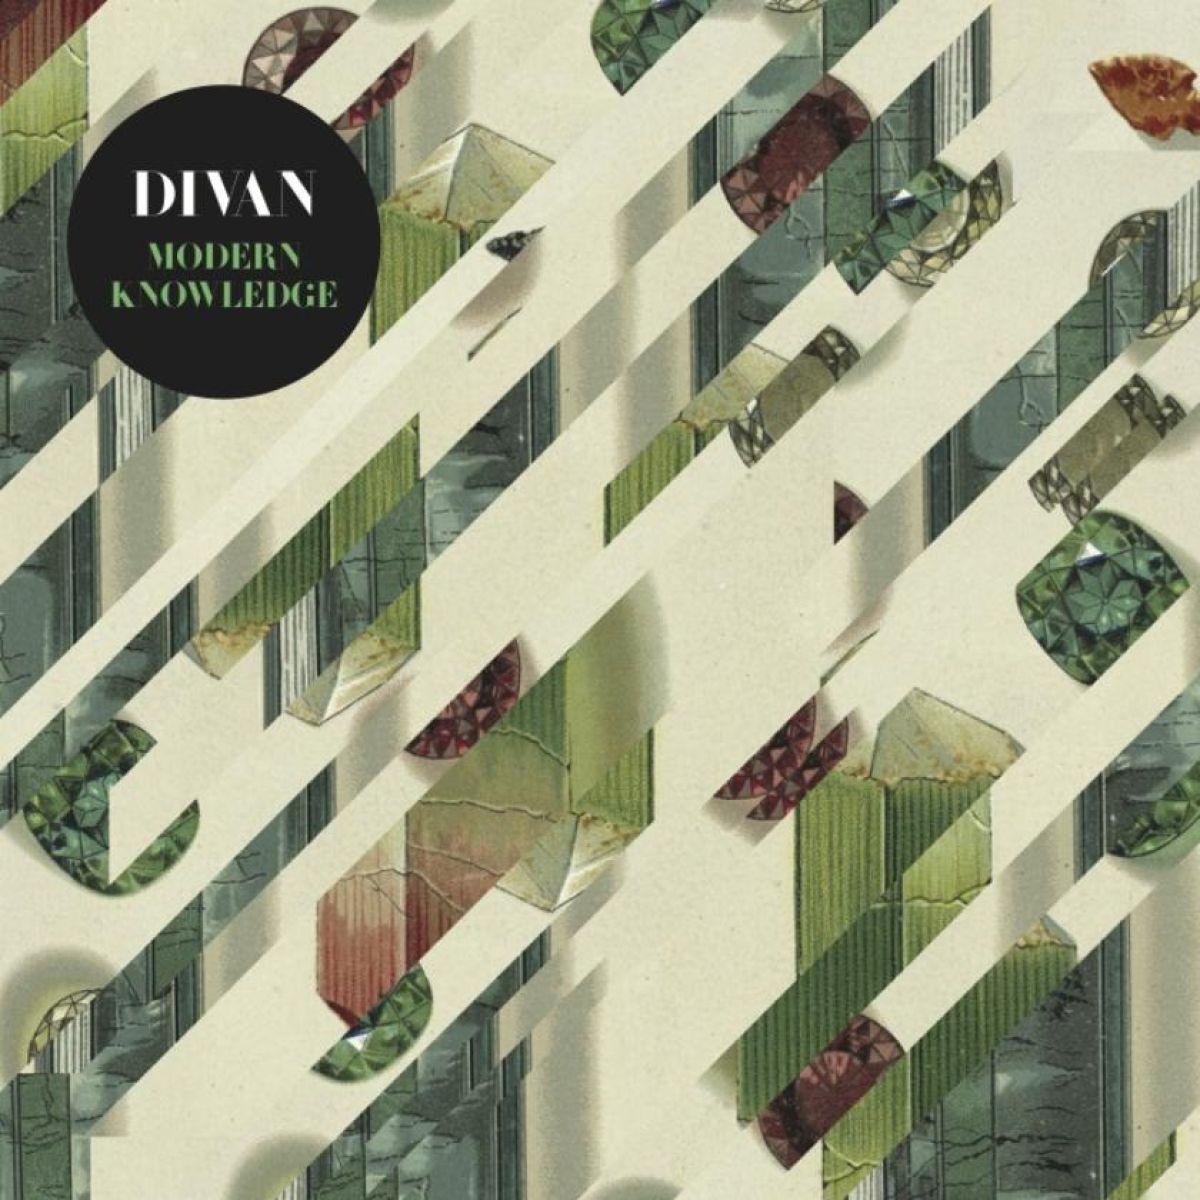 Divan - Modern Knowledge album review: impressive, subtle